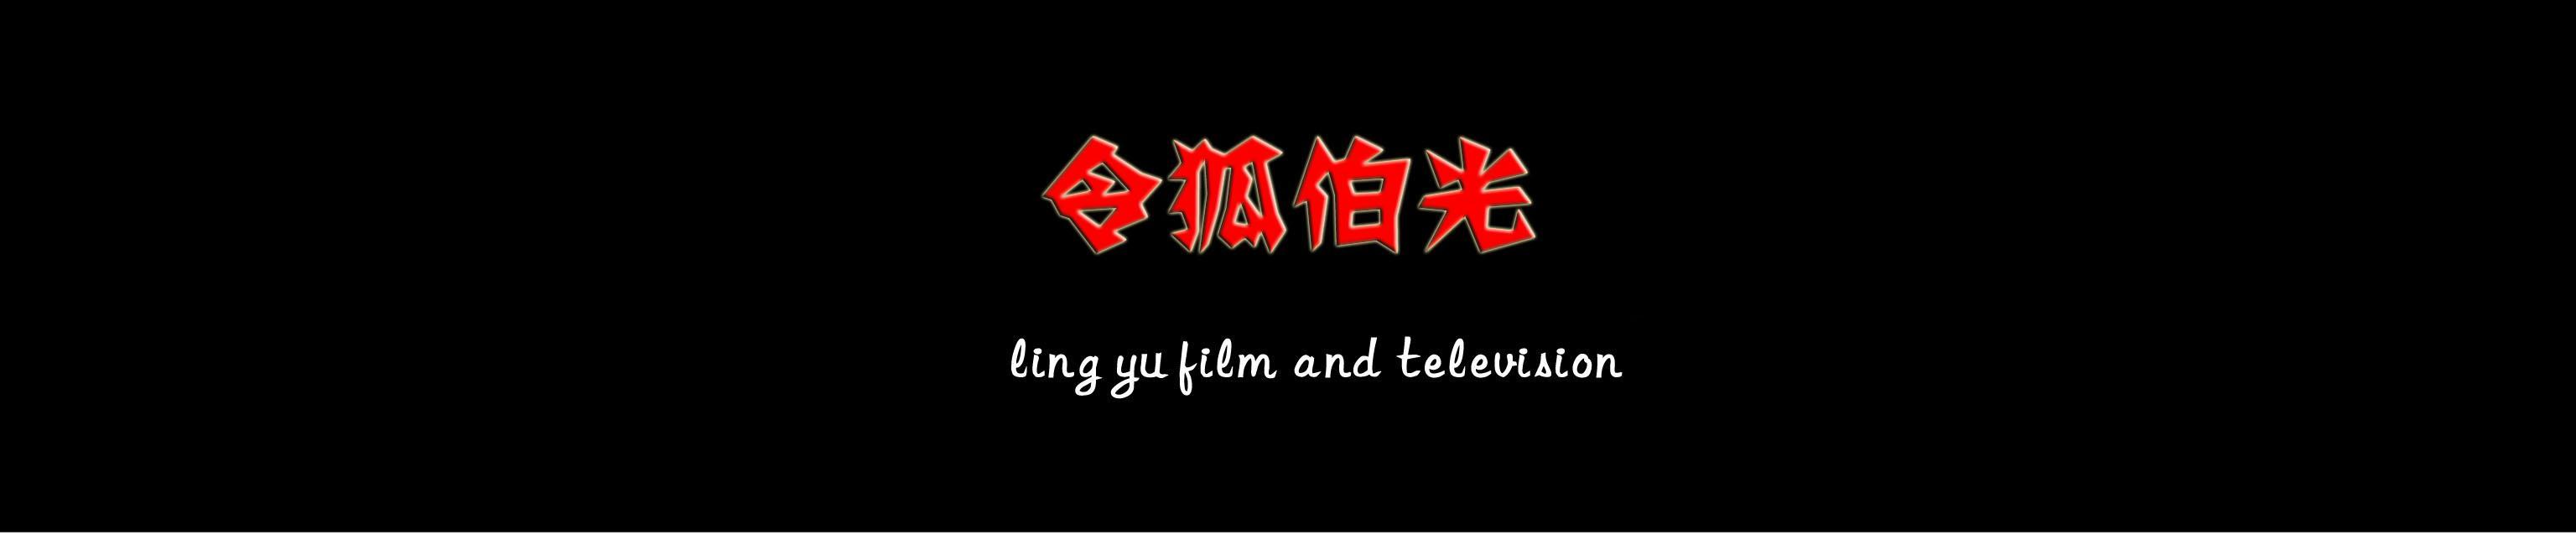 《濒海交锋》的电影导演精英团队,刘德华出演的《反贪风暴》系列